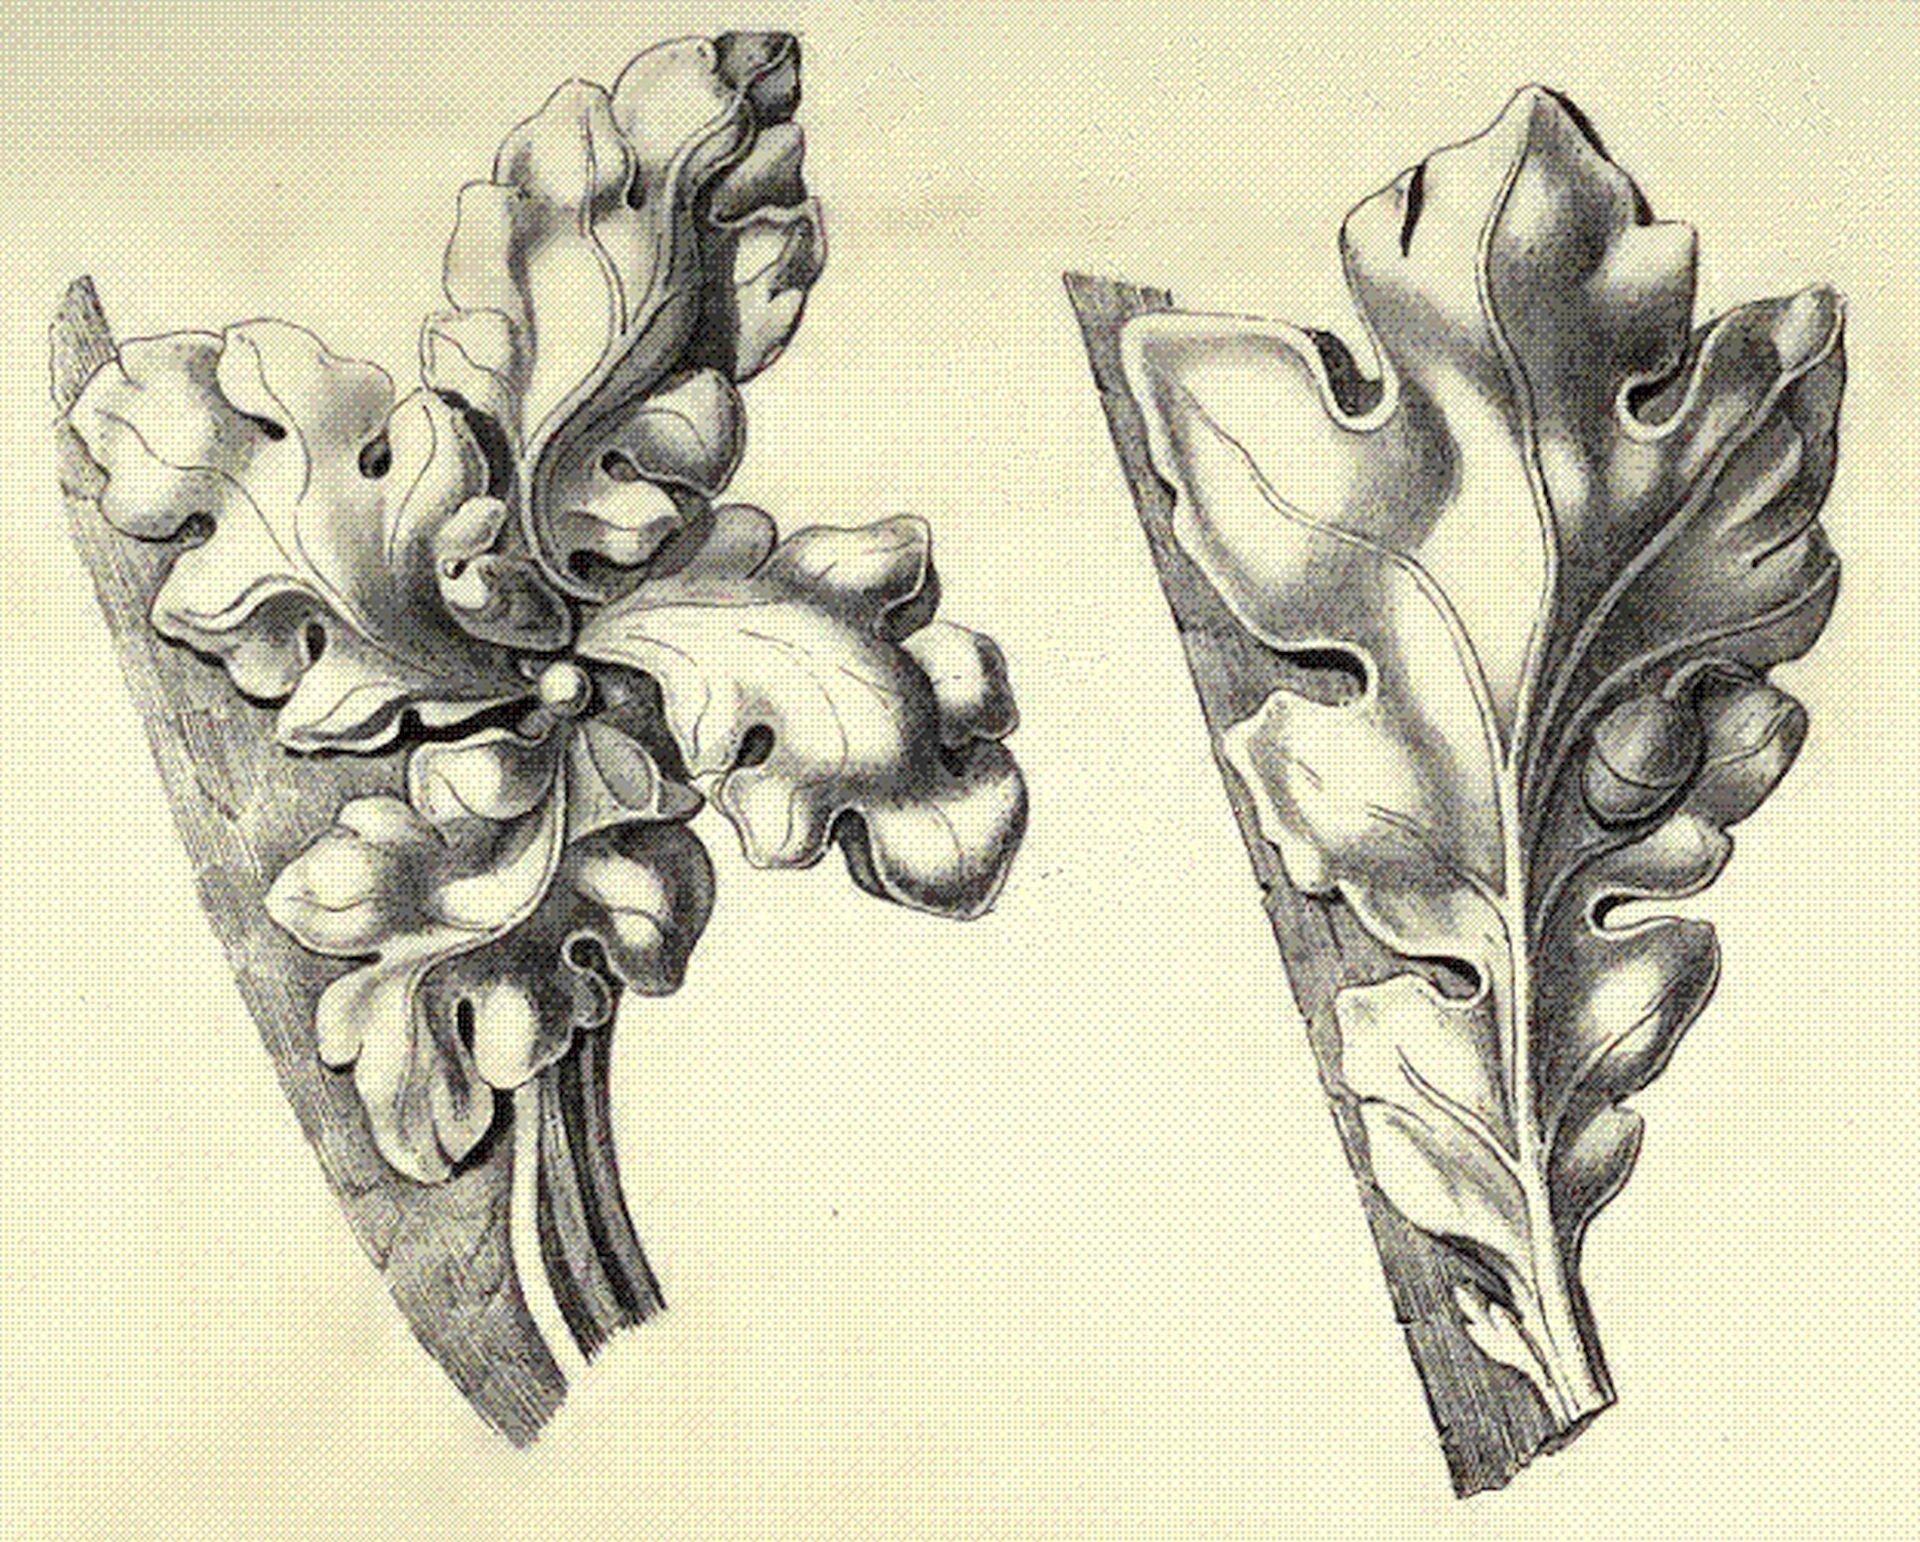 Ilustracja przedstawiająca ornament: czołganki (żabki). Element dekoracyjny naszkicowany jest czarnym kolorem bez wypełenień.